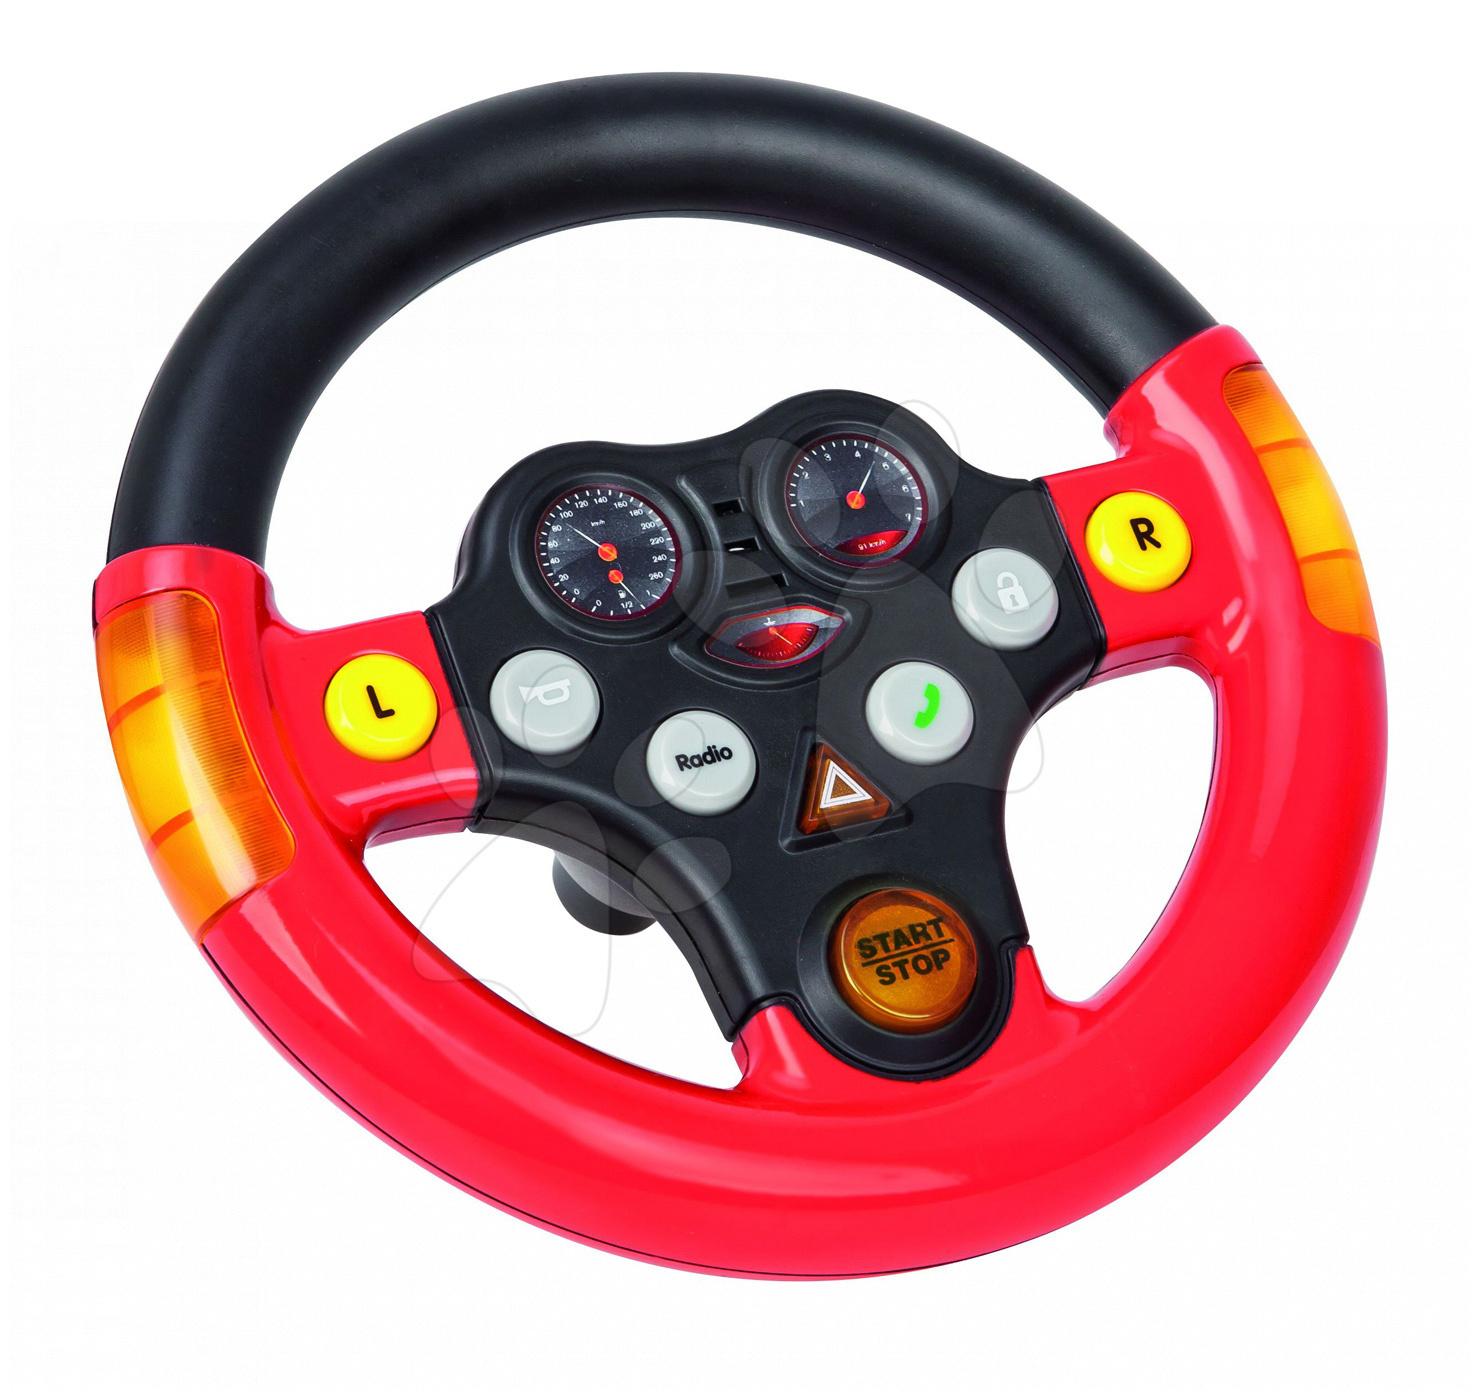 Príslušenstvo k odrážadlám - Interaktívny volant k odrážadlám BIG New&Classic&Next&Neo červeno-čierny od 12 mes